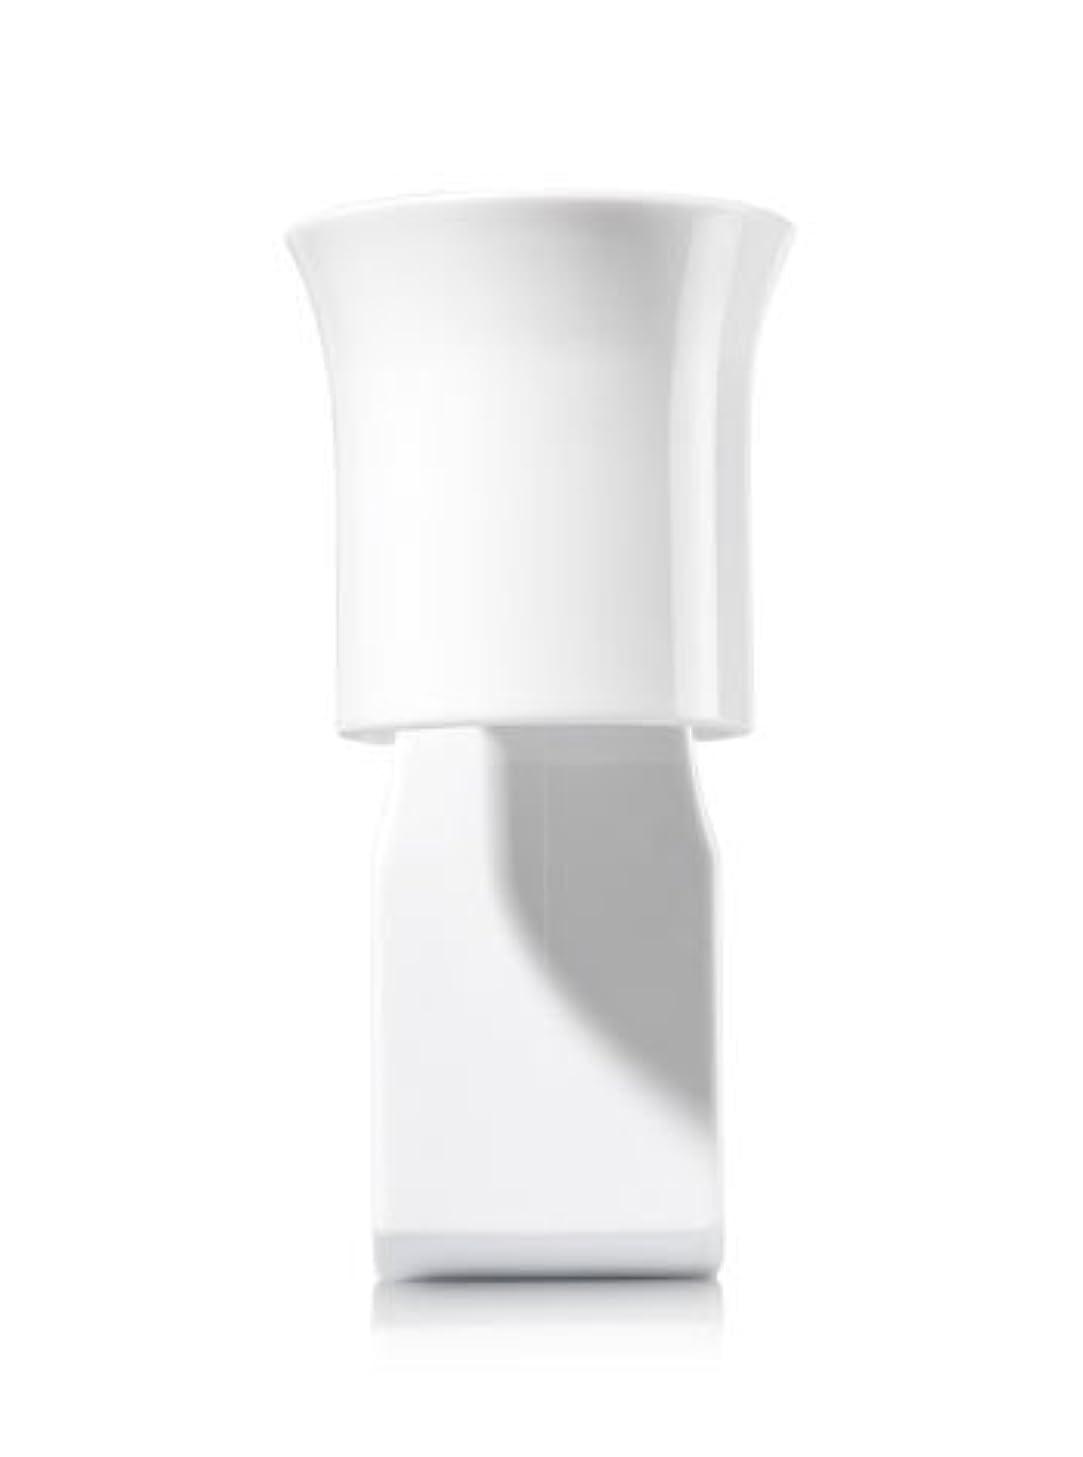 制限する会計士うぬぼれ【Bath&Body Works/バス&ボディワークス】 ルームフレグランス プラグインスターター (本体のみ) ホワイトフレアー Wallflowers Fragrance Plug White Flare [並行輸入品]